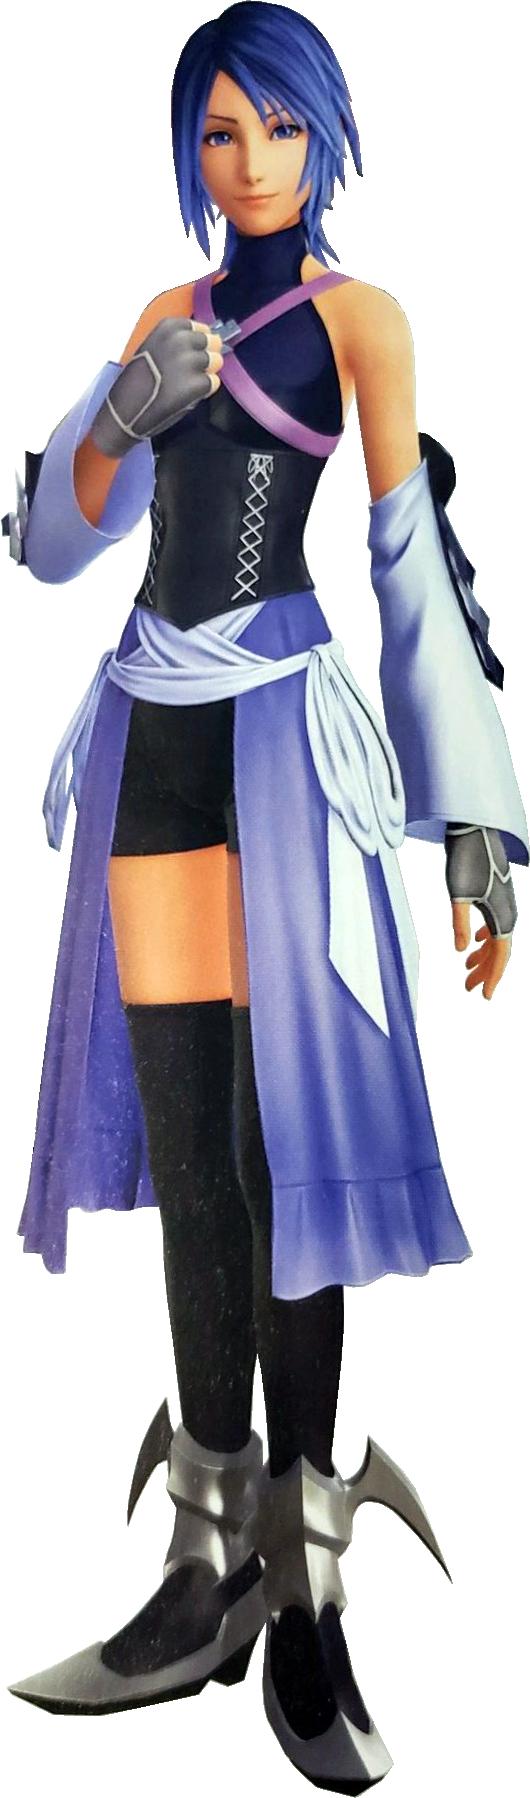 Octavia Delecroy Aqua_KHIII